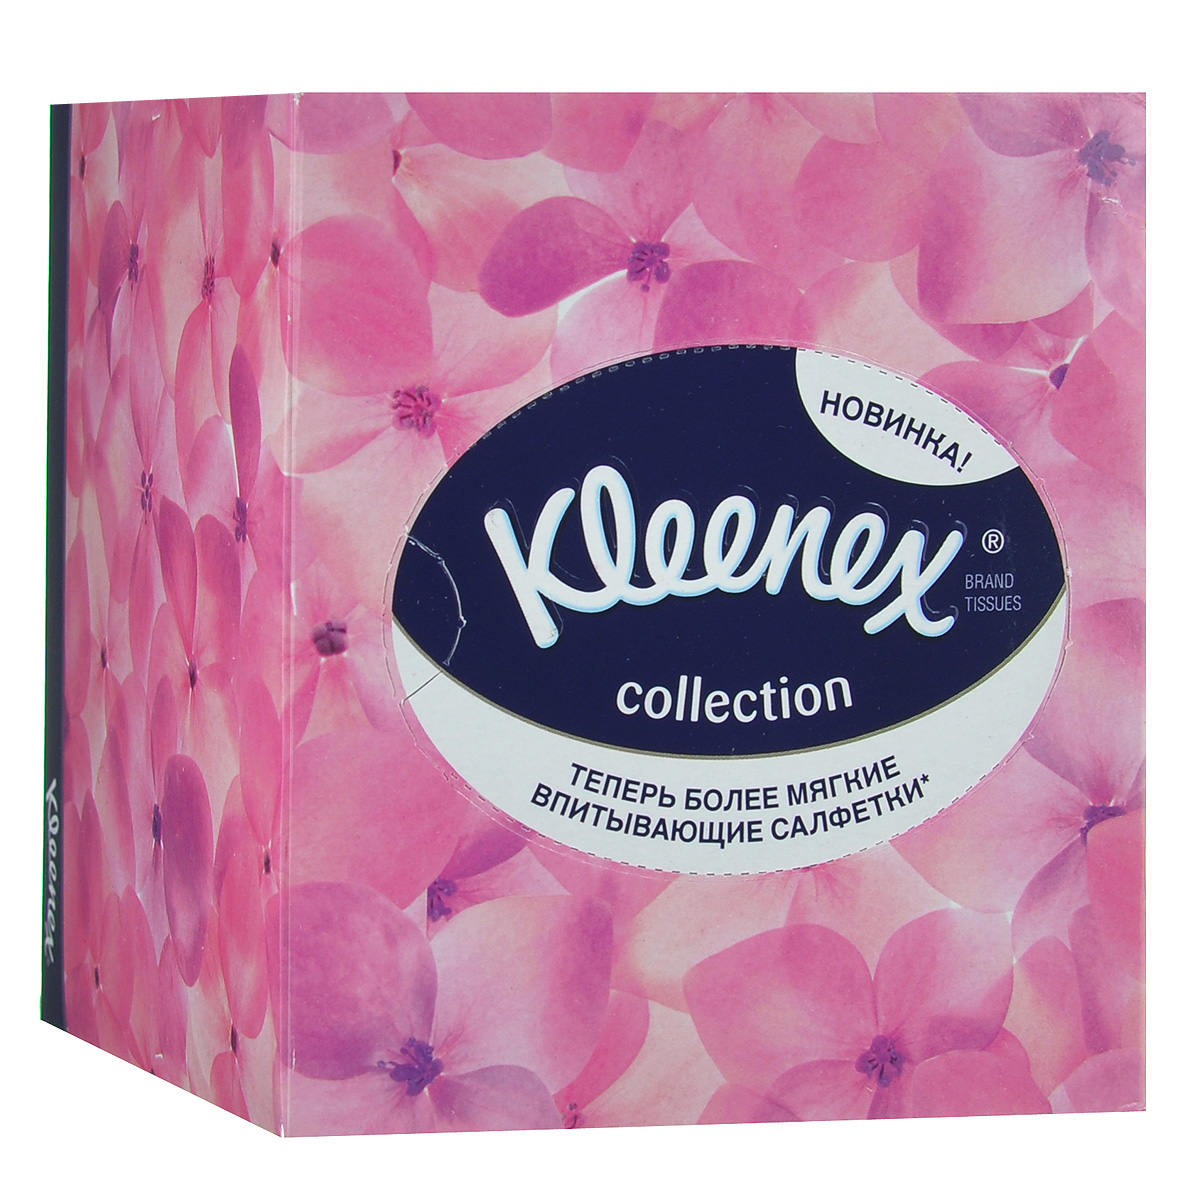 Салфетки универсальные Kleenex Collection, двухслойные, 21,6 х 21,6 см, 100 шт (упаковка розовые цветы)91622Двухслойные, мягкие, гигиенические салфетки Kleenex Collection изготовлены из высококачественного, экологически чистого сырья - 100% первичной целлюлозы. Салфетки обладают большой впитывающей способностью. Не вызывают аллергию, не раздражают чувствительную кожу. Благодаря уникальной мягкости, салфетки заботятся о вашей коже во время простуды. Просты и удобны в использовании. Применяются дома и в офисе, на работе и отдыхе. Для хранения салфеток предусмотрена специальная коробочка. Выберите себе настроение! Как всегда разные: яркие и спокойные, задорные и утонченные коробочки с салфетками Kleenex Collection найдут свое место в любом уголке вашей квартиры и добавят в ваш дом теплоты и уюта даже в самый хмурый день. Товар сертифицирован. Размер салфетки: 21,6 см х 21,6 см. Комплектация: 100 шт.